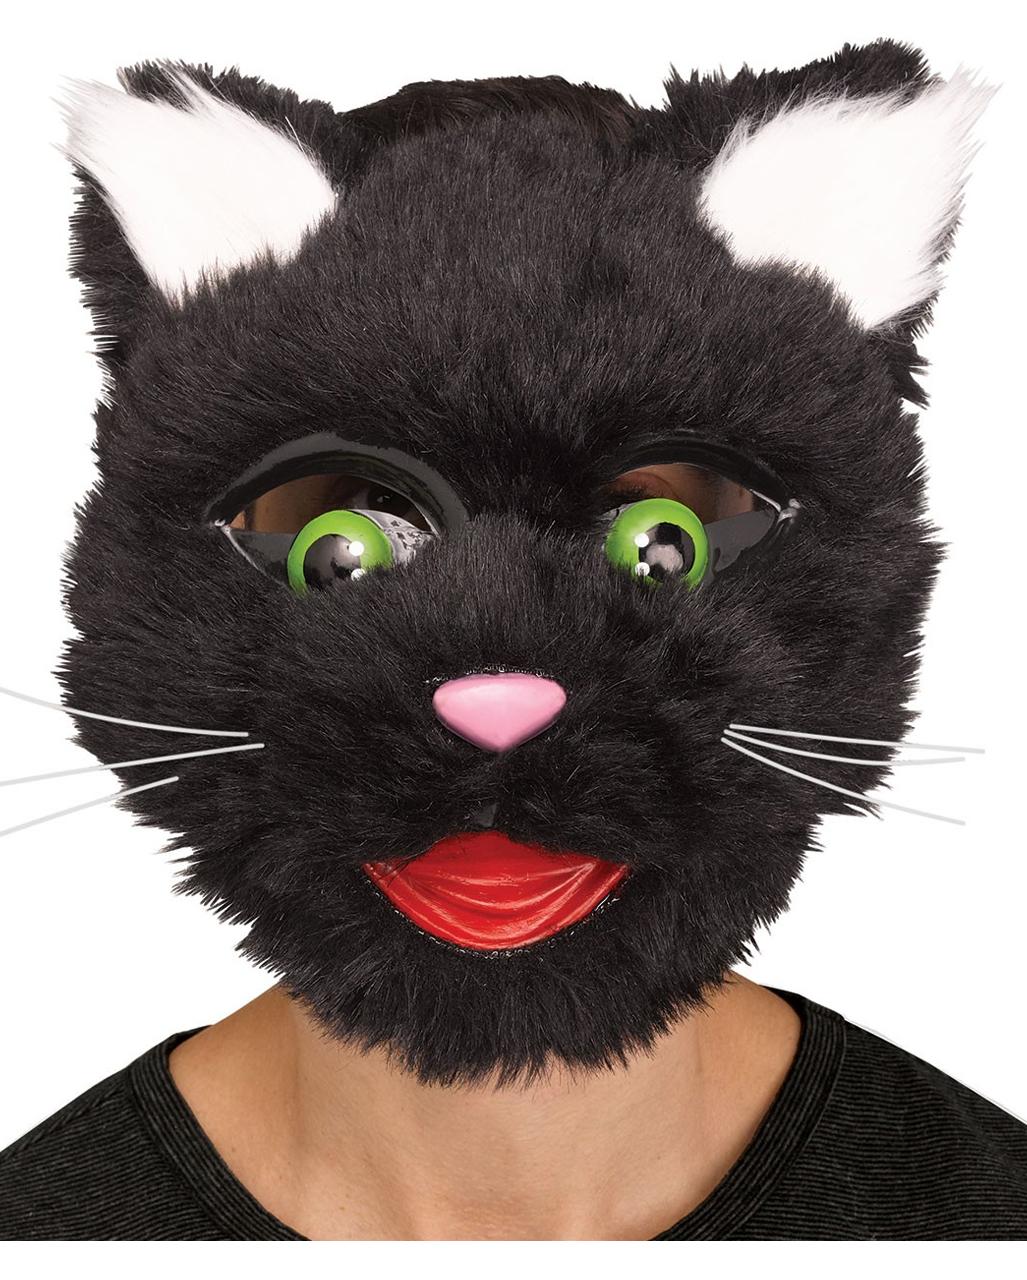 Wunderbar S E Halloween Katze Malvorlagen Galerie Druckbare